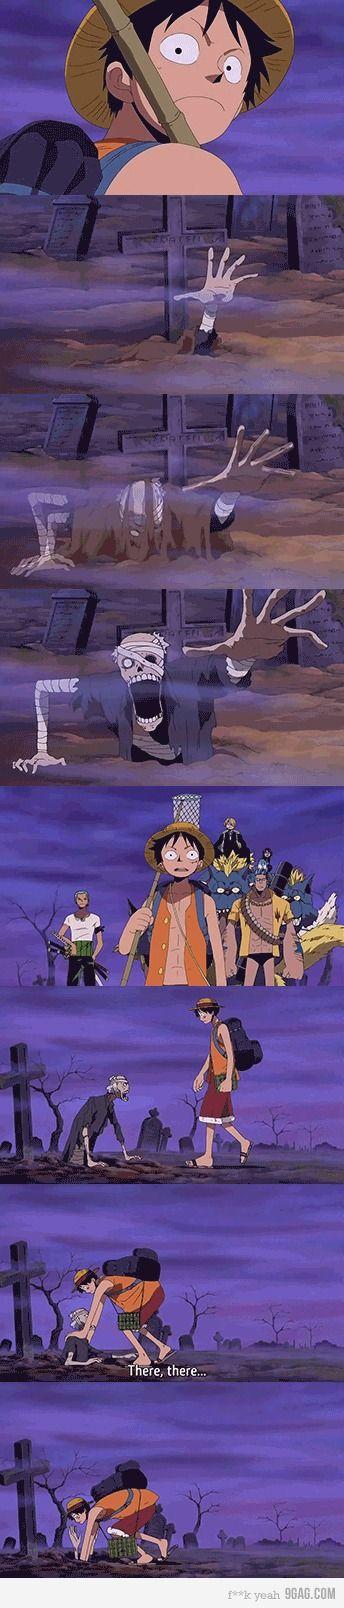 Oh Luffy